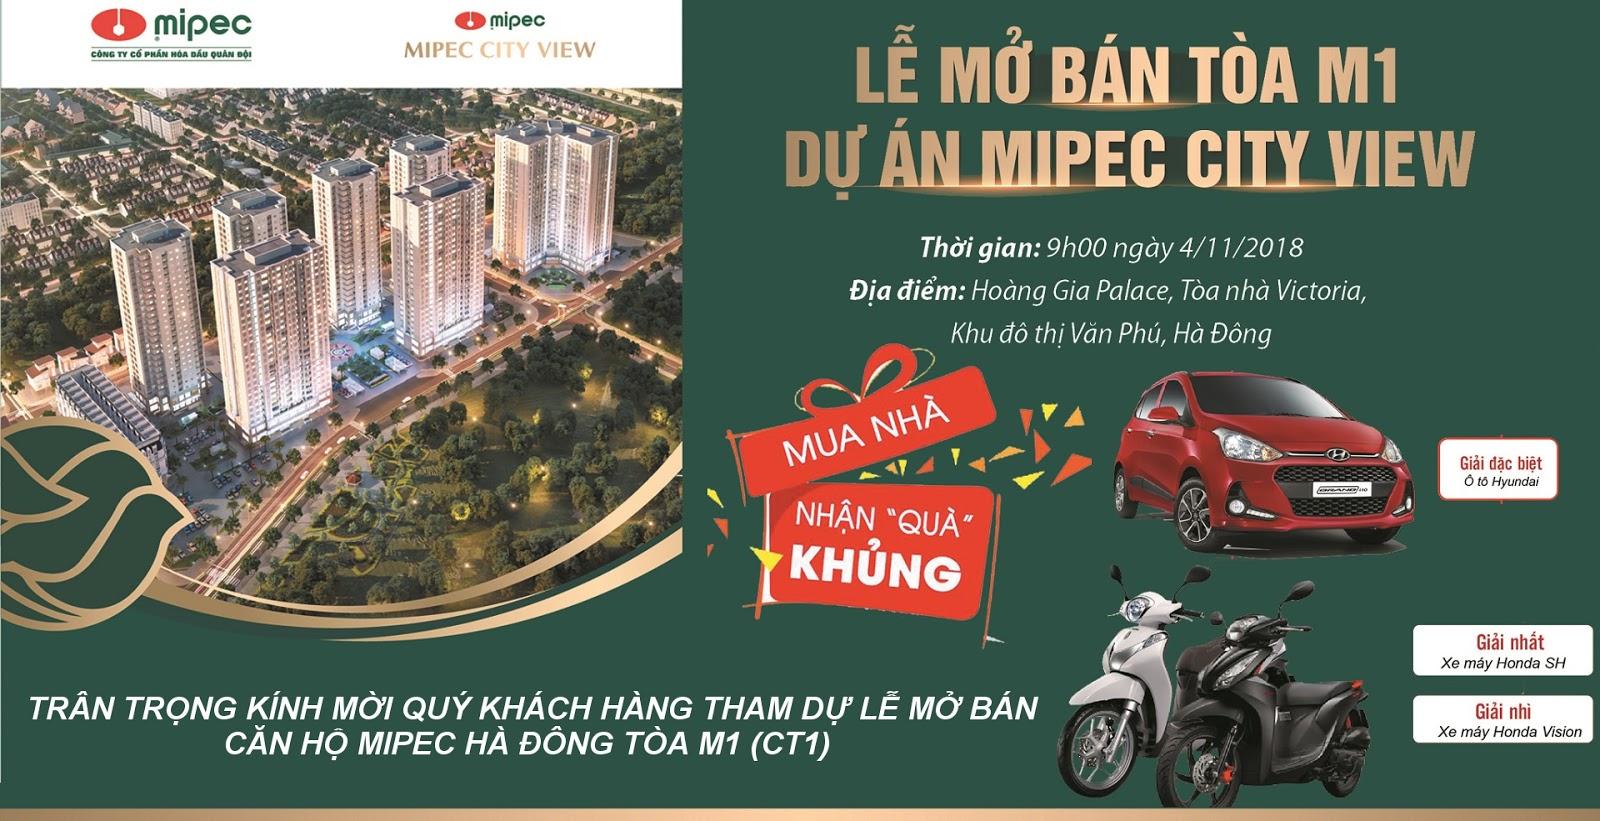 Hình ảnh Lễ Mở bán Mipec Hà Đông tòa M1 tháng 11 năm 2018